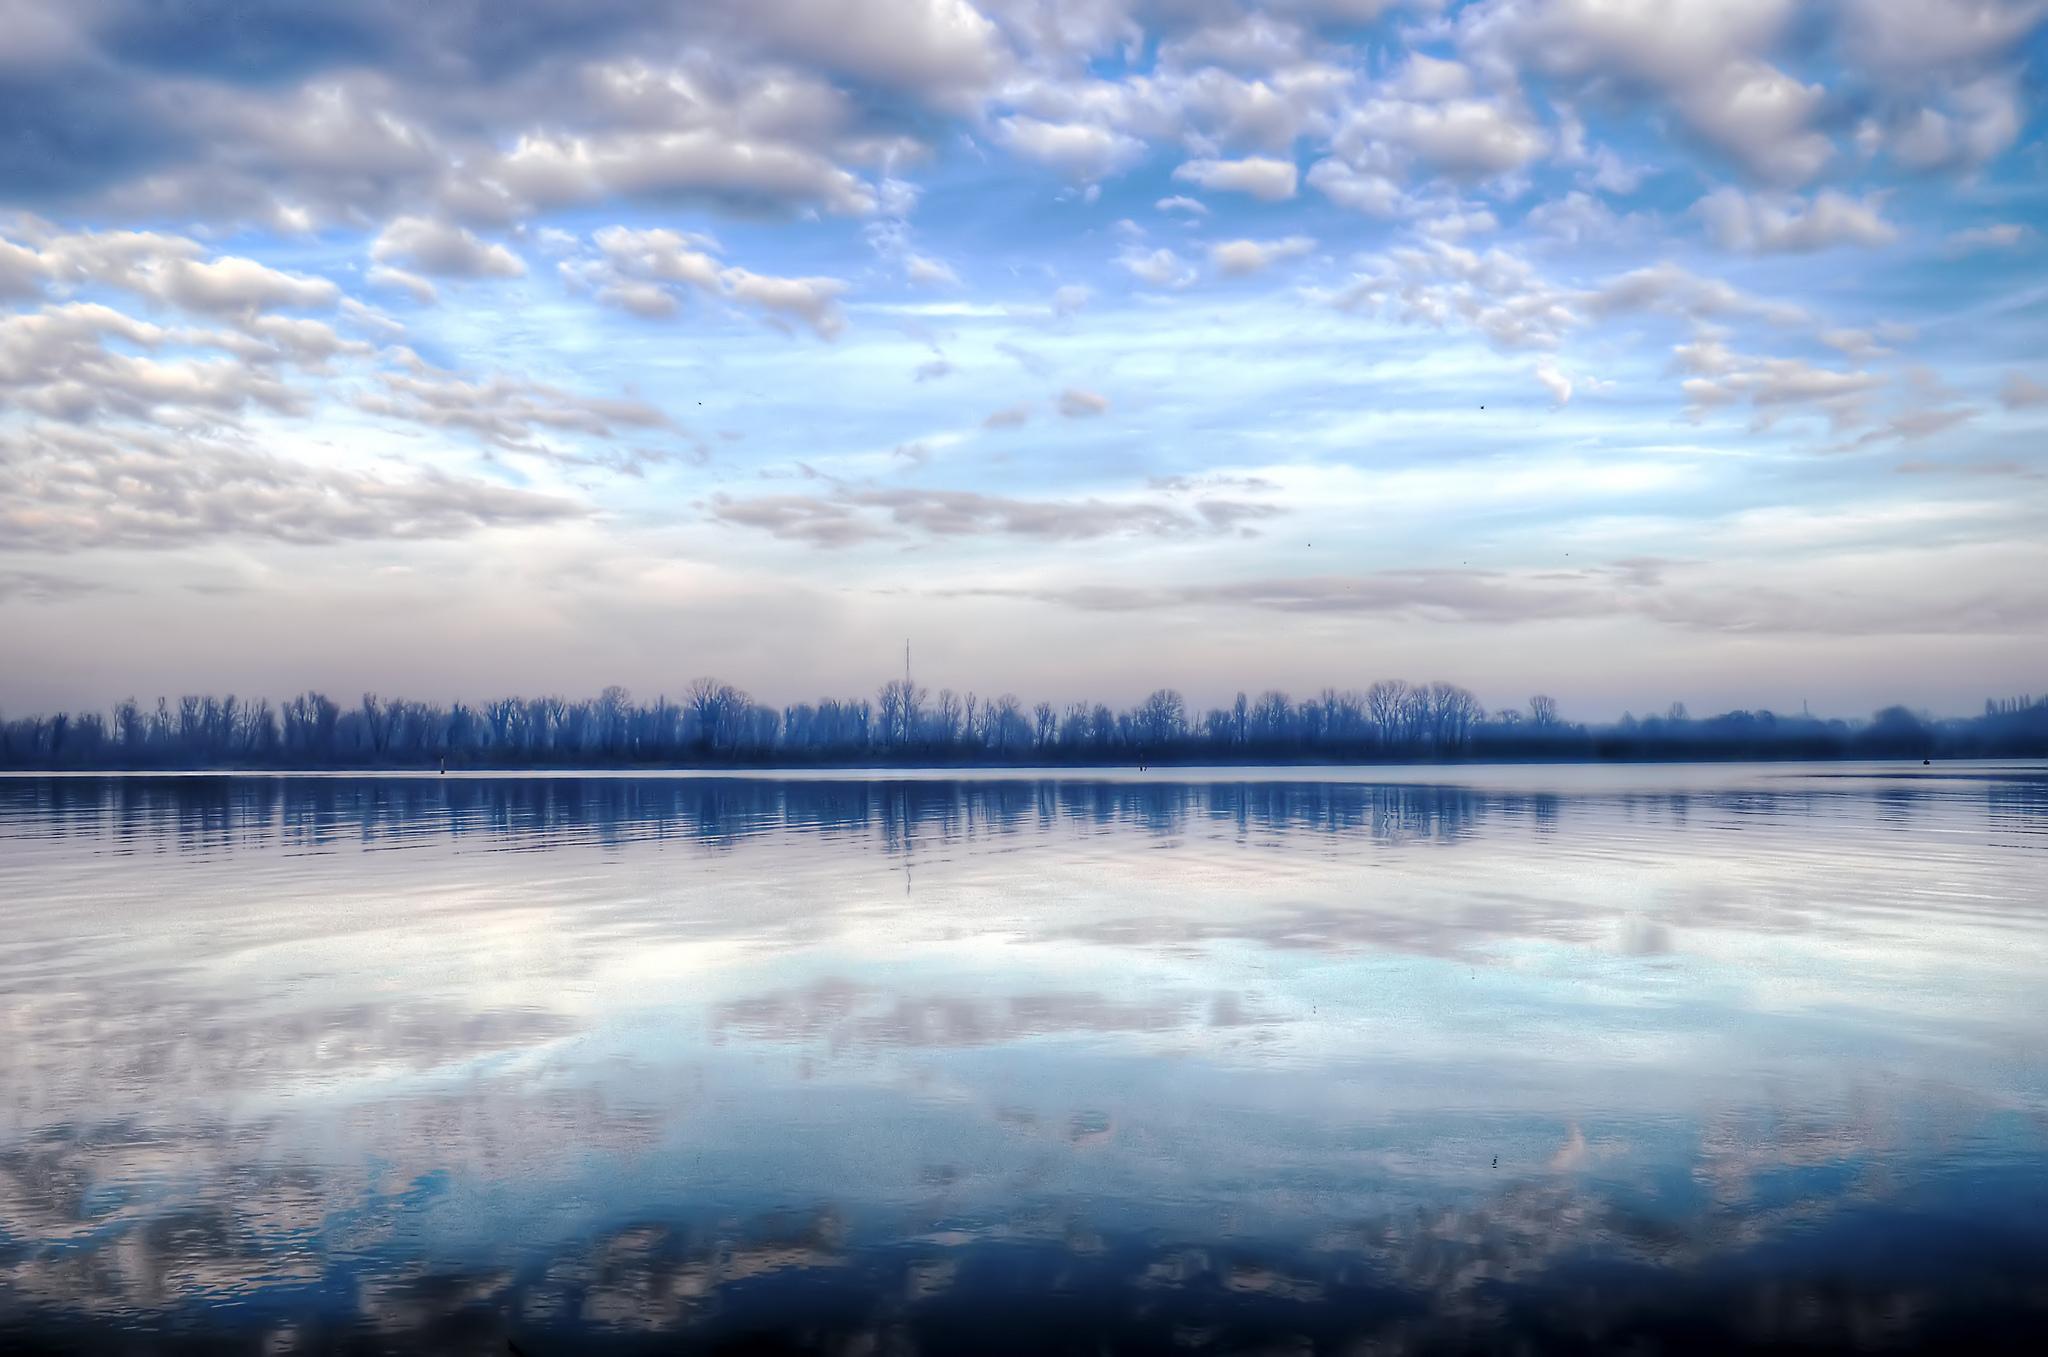 безоблачное небо зимой  № 2469693 загрузить